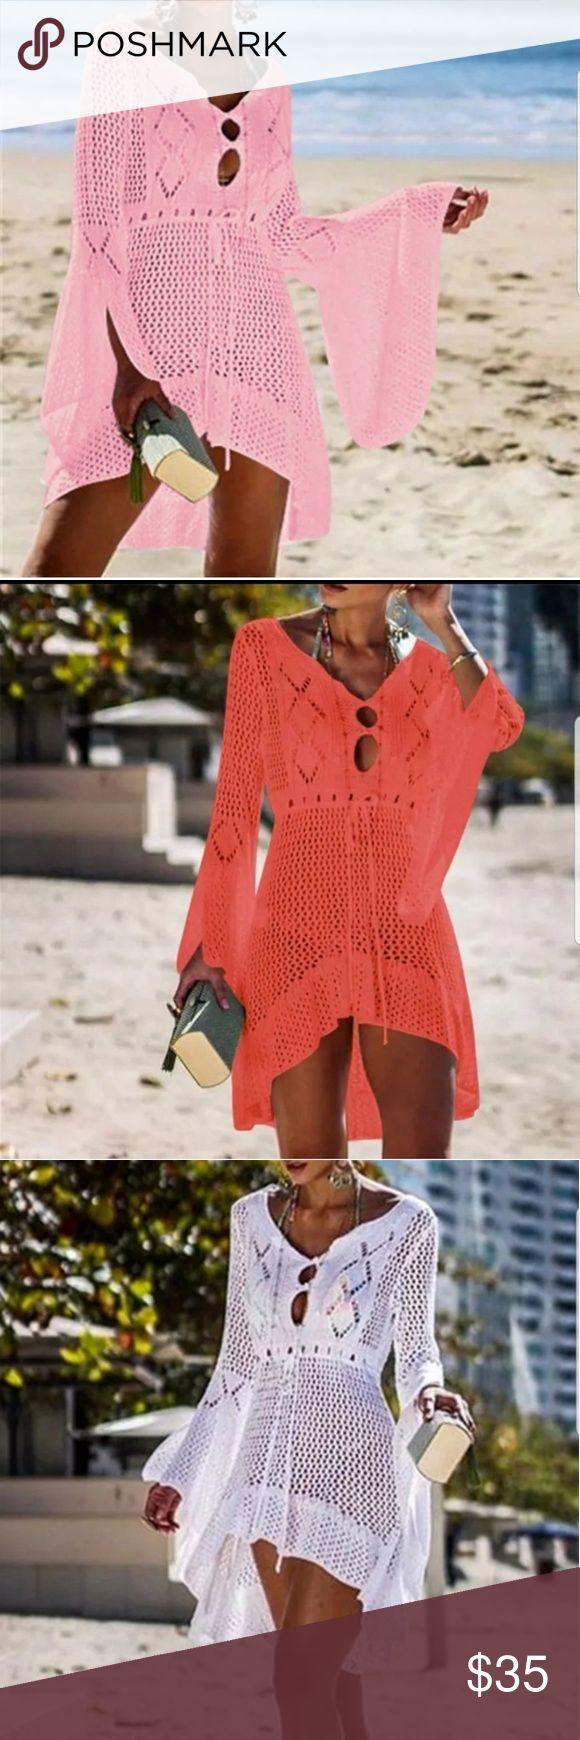 High Quality Crochet Knitted Beach Dress Pink Summer Women Beachwear Sexy Pink C... 3